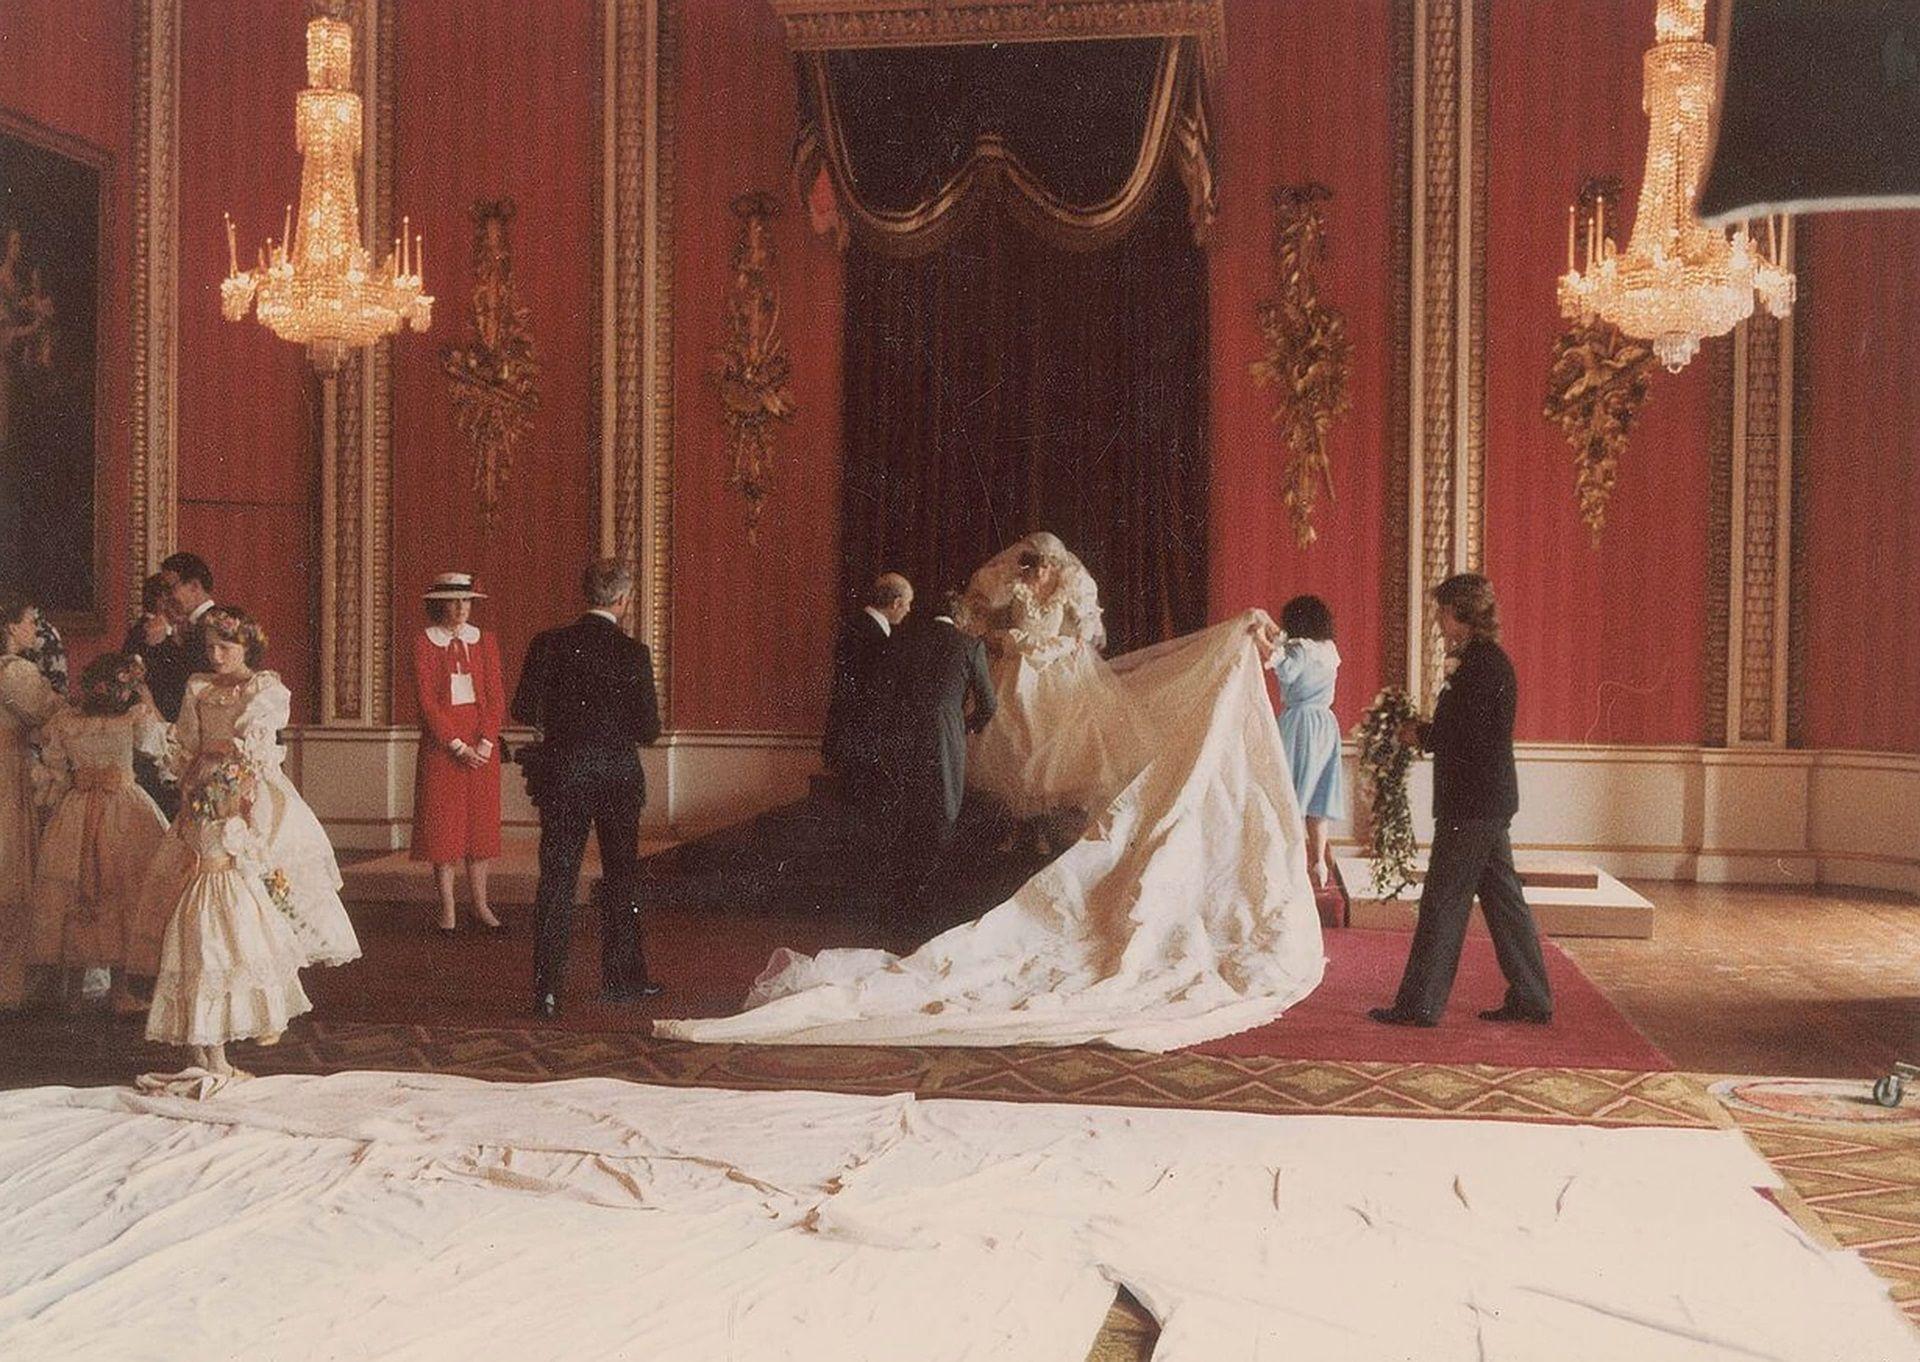 찰스다이애나 34년 전 미공개 피로연 사진 경매 다이애나 왕세자비, 다이애나, 경매